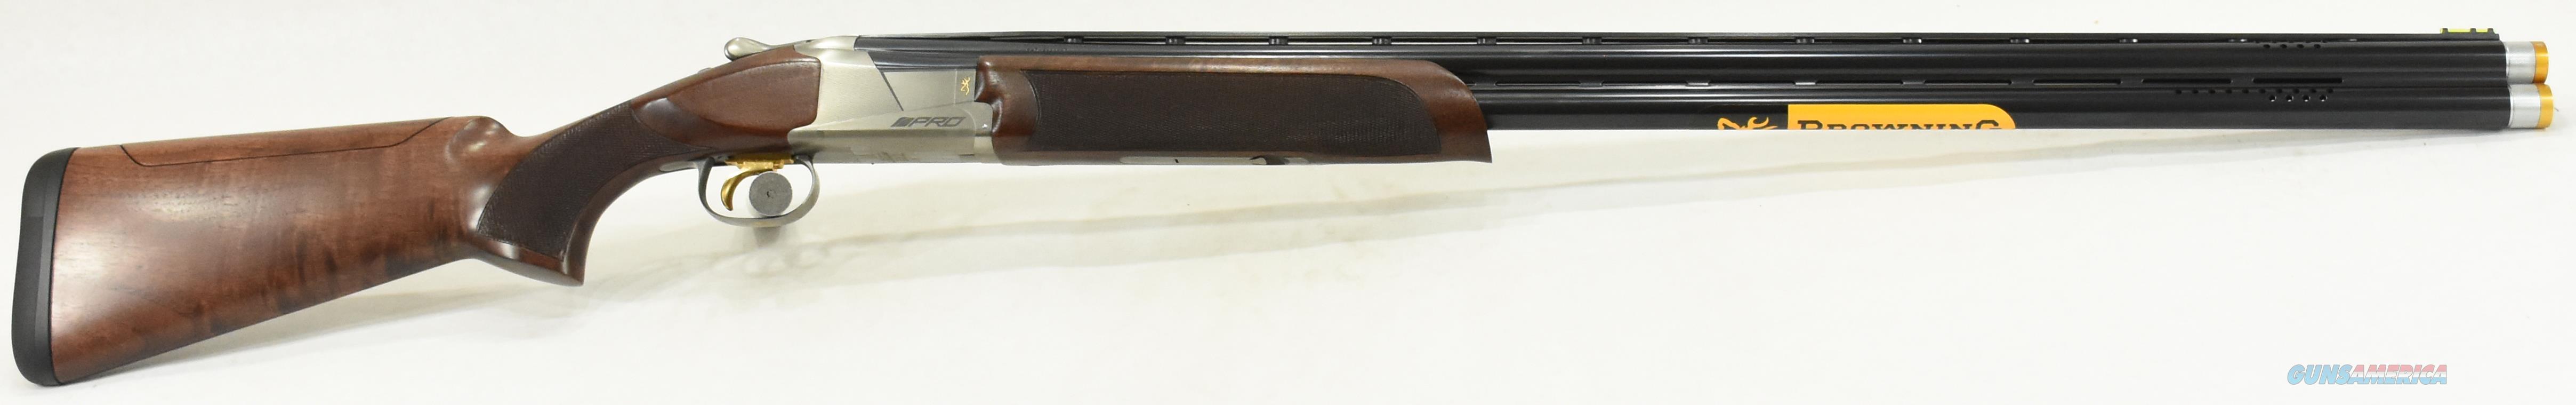 Citori 725 Pro Sprtng Adj 12Ga 32-2.75In  0180024009  Guns > Shotguns > Browning Shotguns > Over Unders > Citori > Trap/Skeet